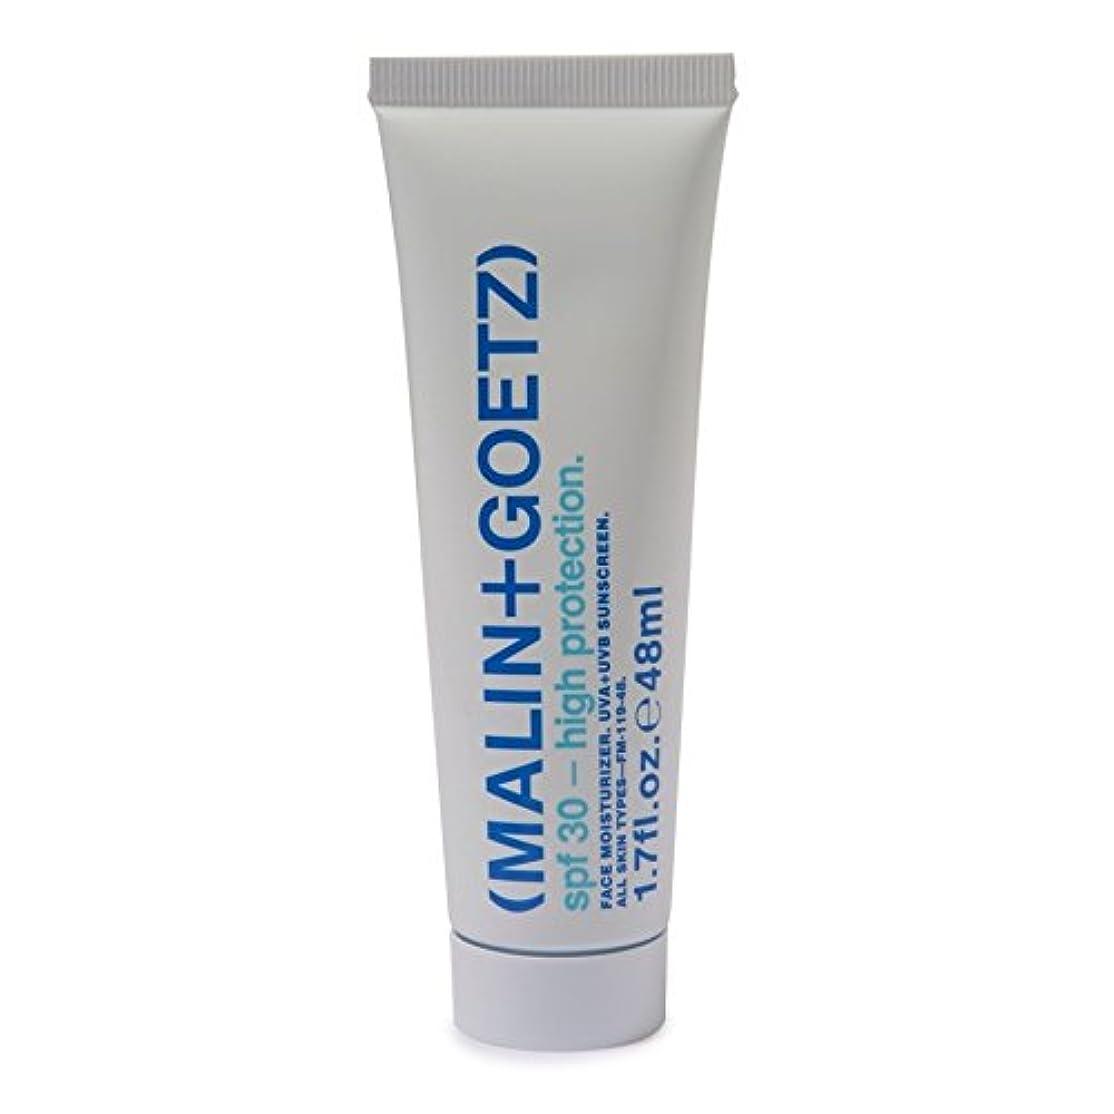 モンク法律によりブースマリン+ゲッツ顔の保湿剤の 30 48ミリリットル x2 - MALIN+GOETZ Face Moisturiser SPF 30 48ml (Pack of 2) [並行輸入品]